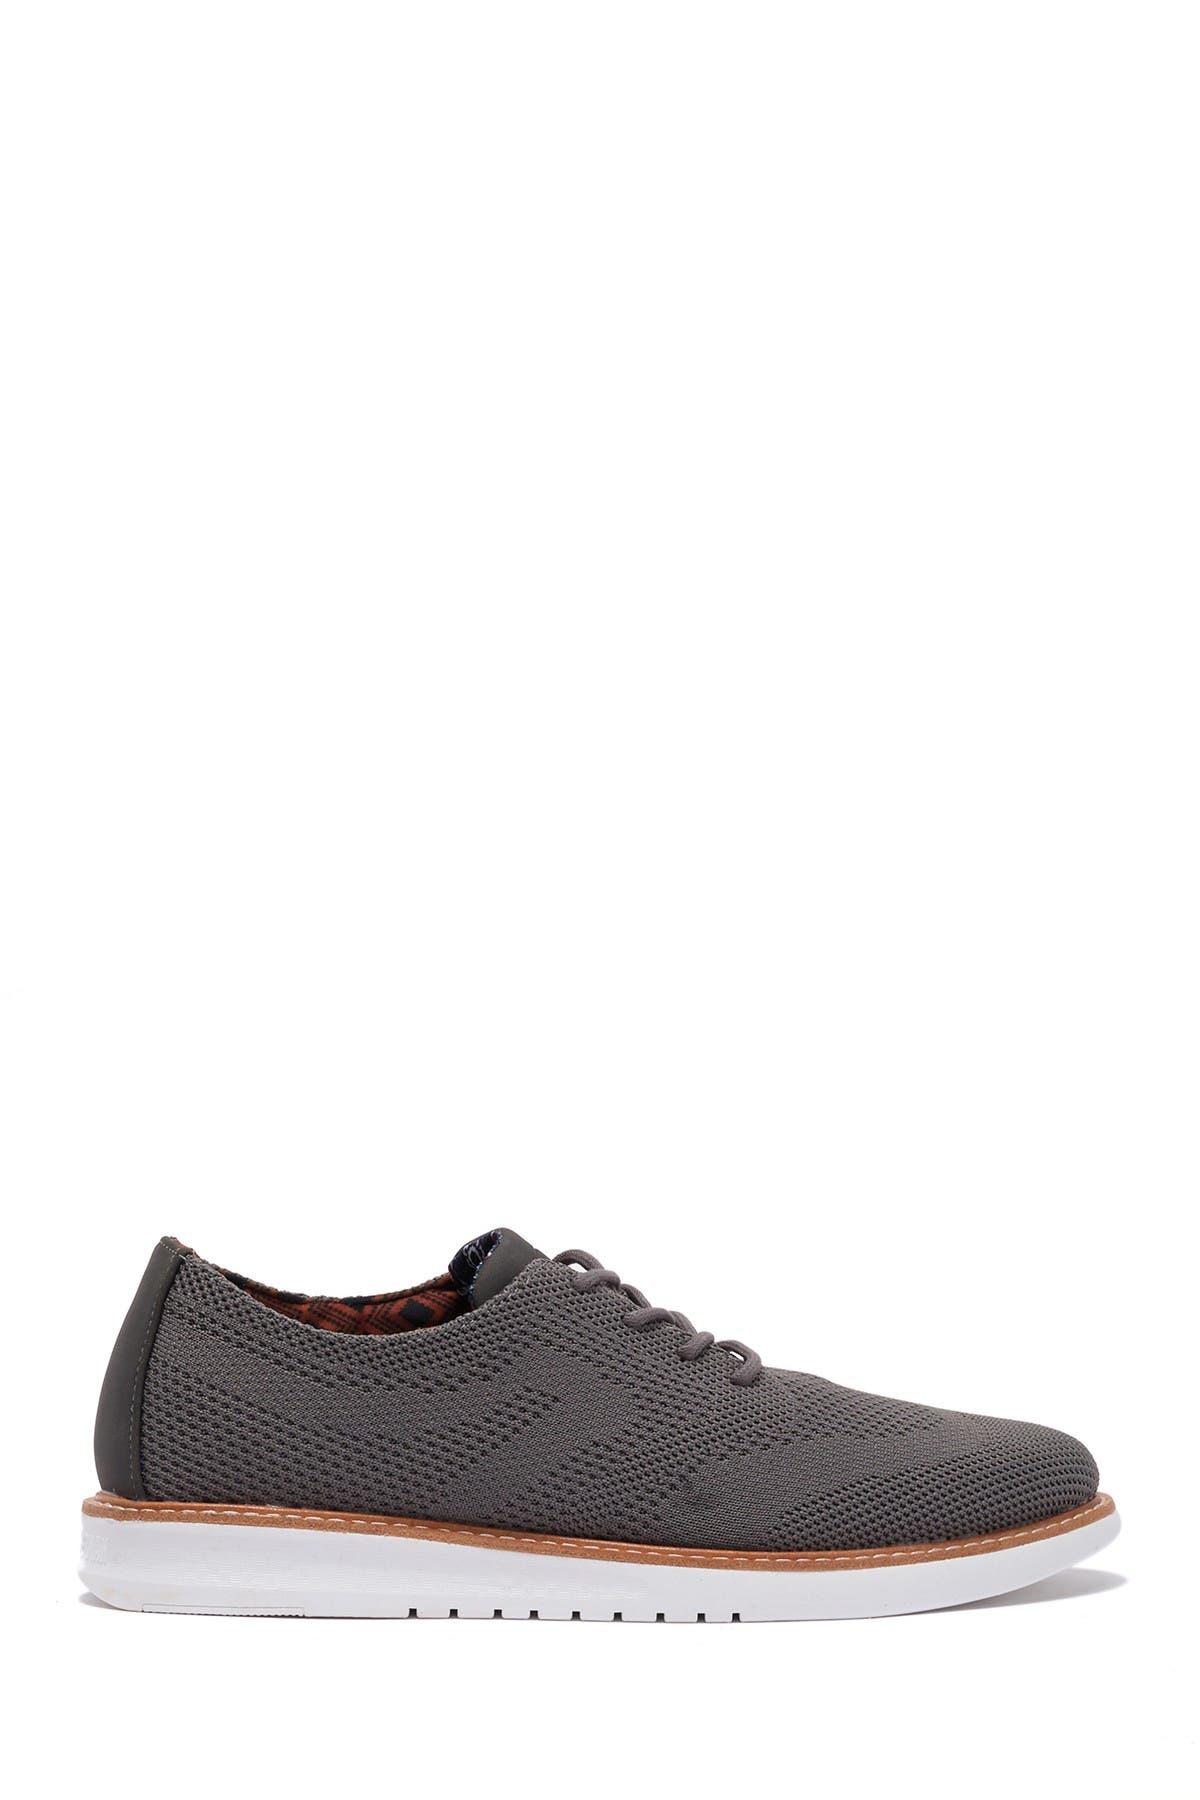 Image of Ben Sherman Omega Knit Wingtip Sneaker